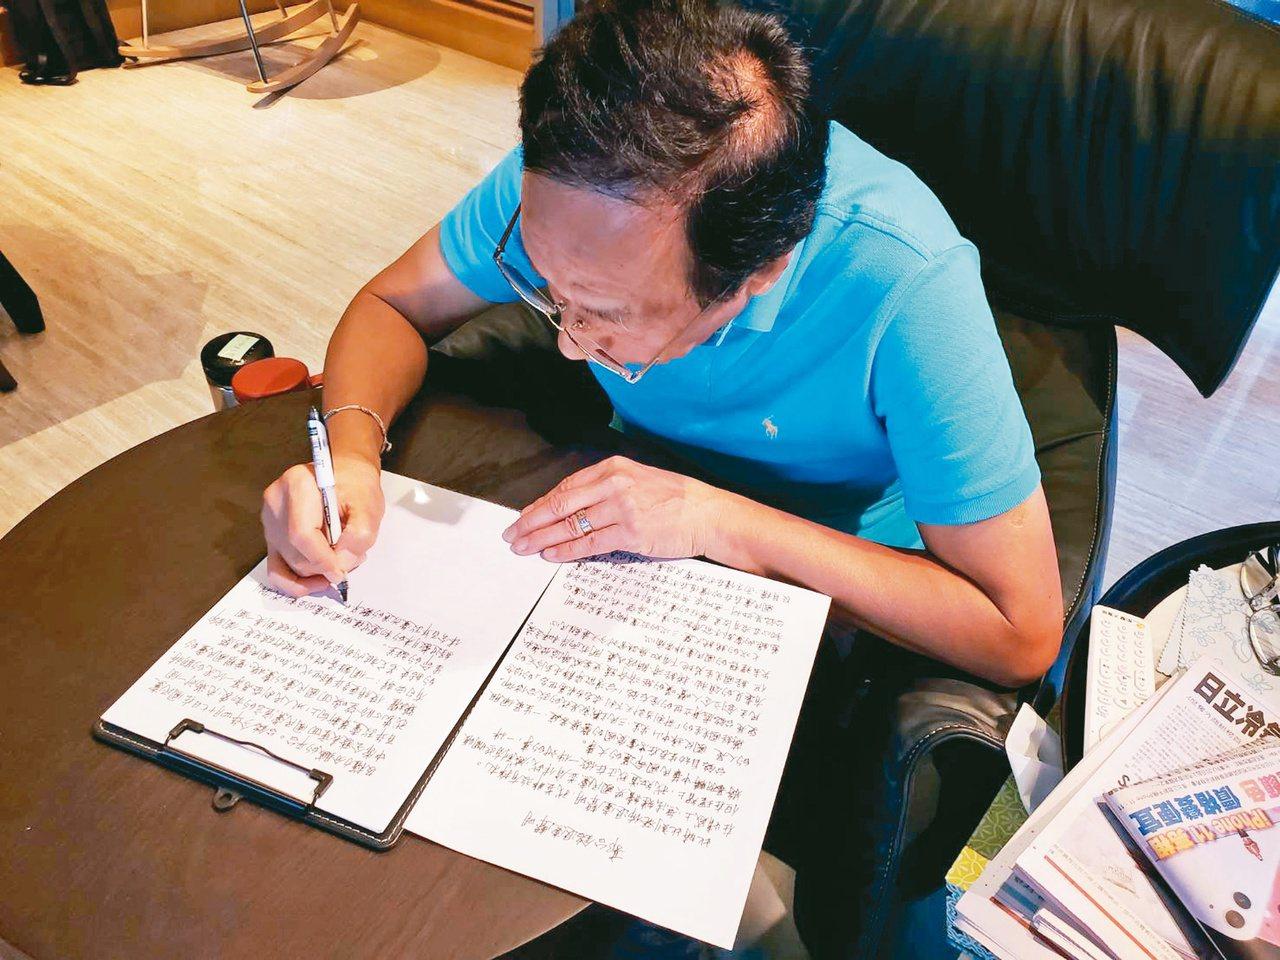 鴻海創辦人郭台銘昨天宣布退出國民黨,並親寫退黨聲明。圖/郭台銘辦公室提供